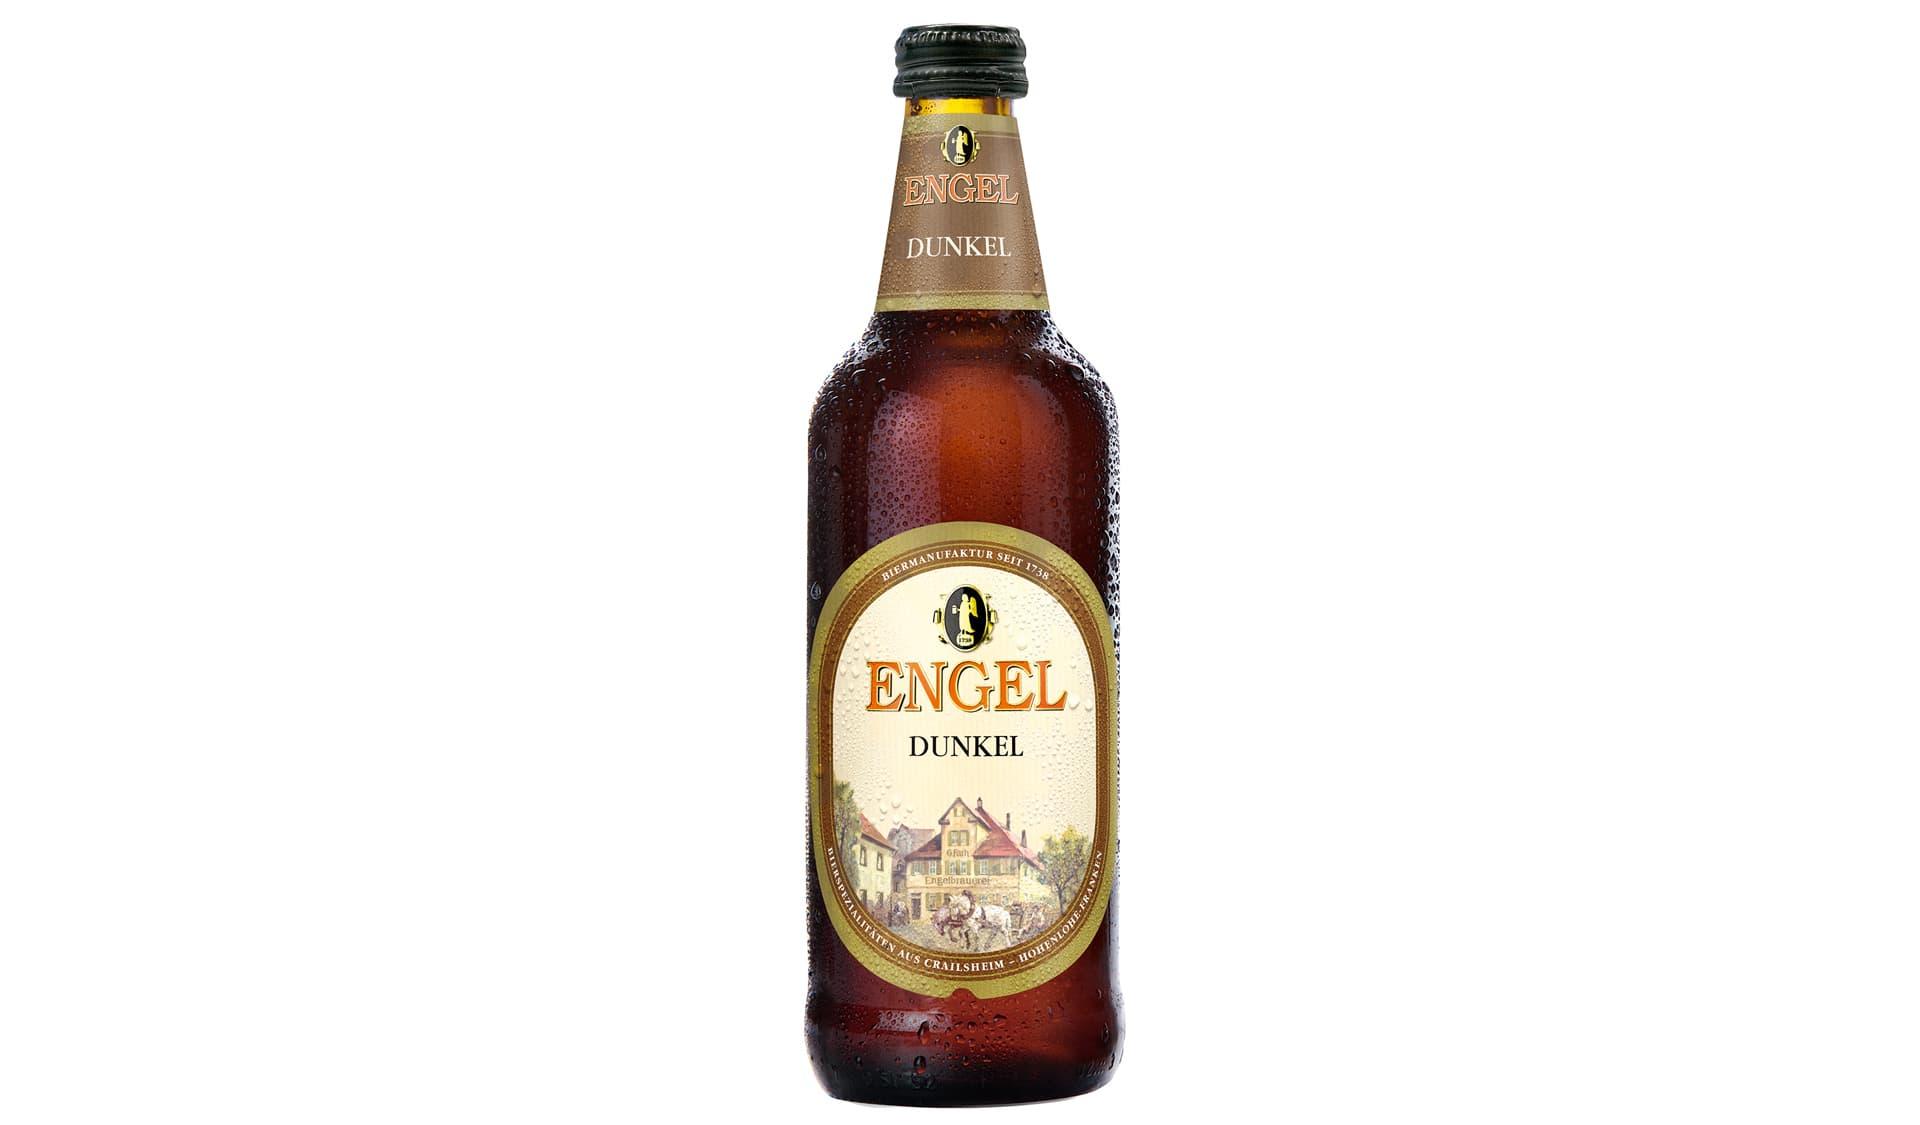 Engel Biermanufaktur Keller Dunkel (www.engelbier.de)